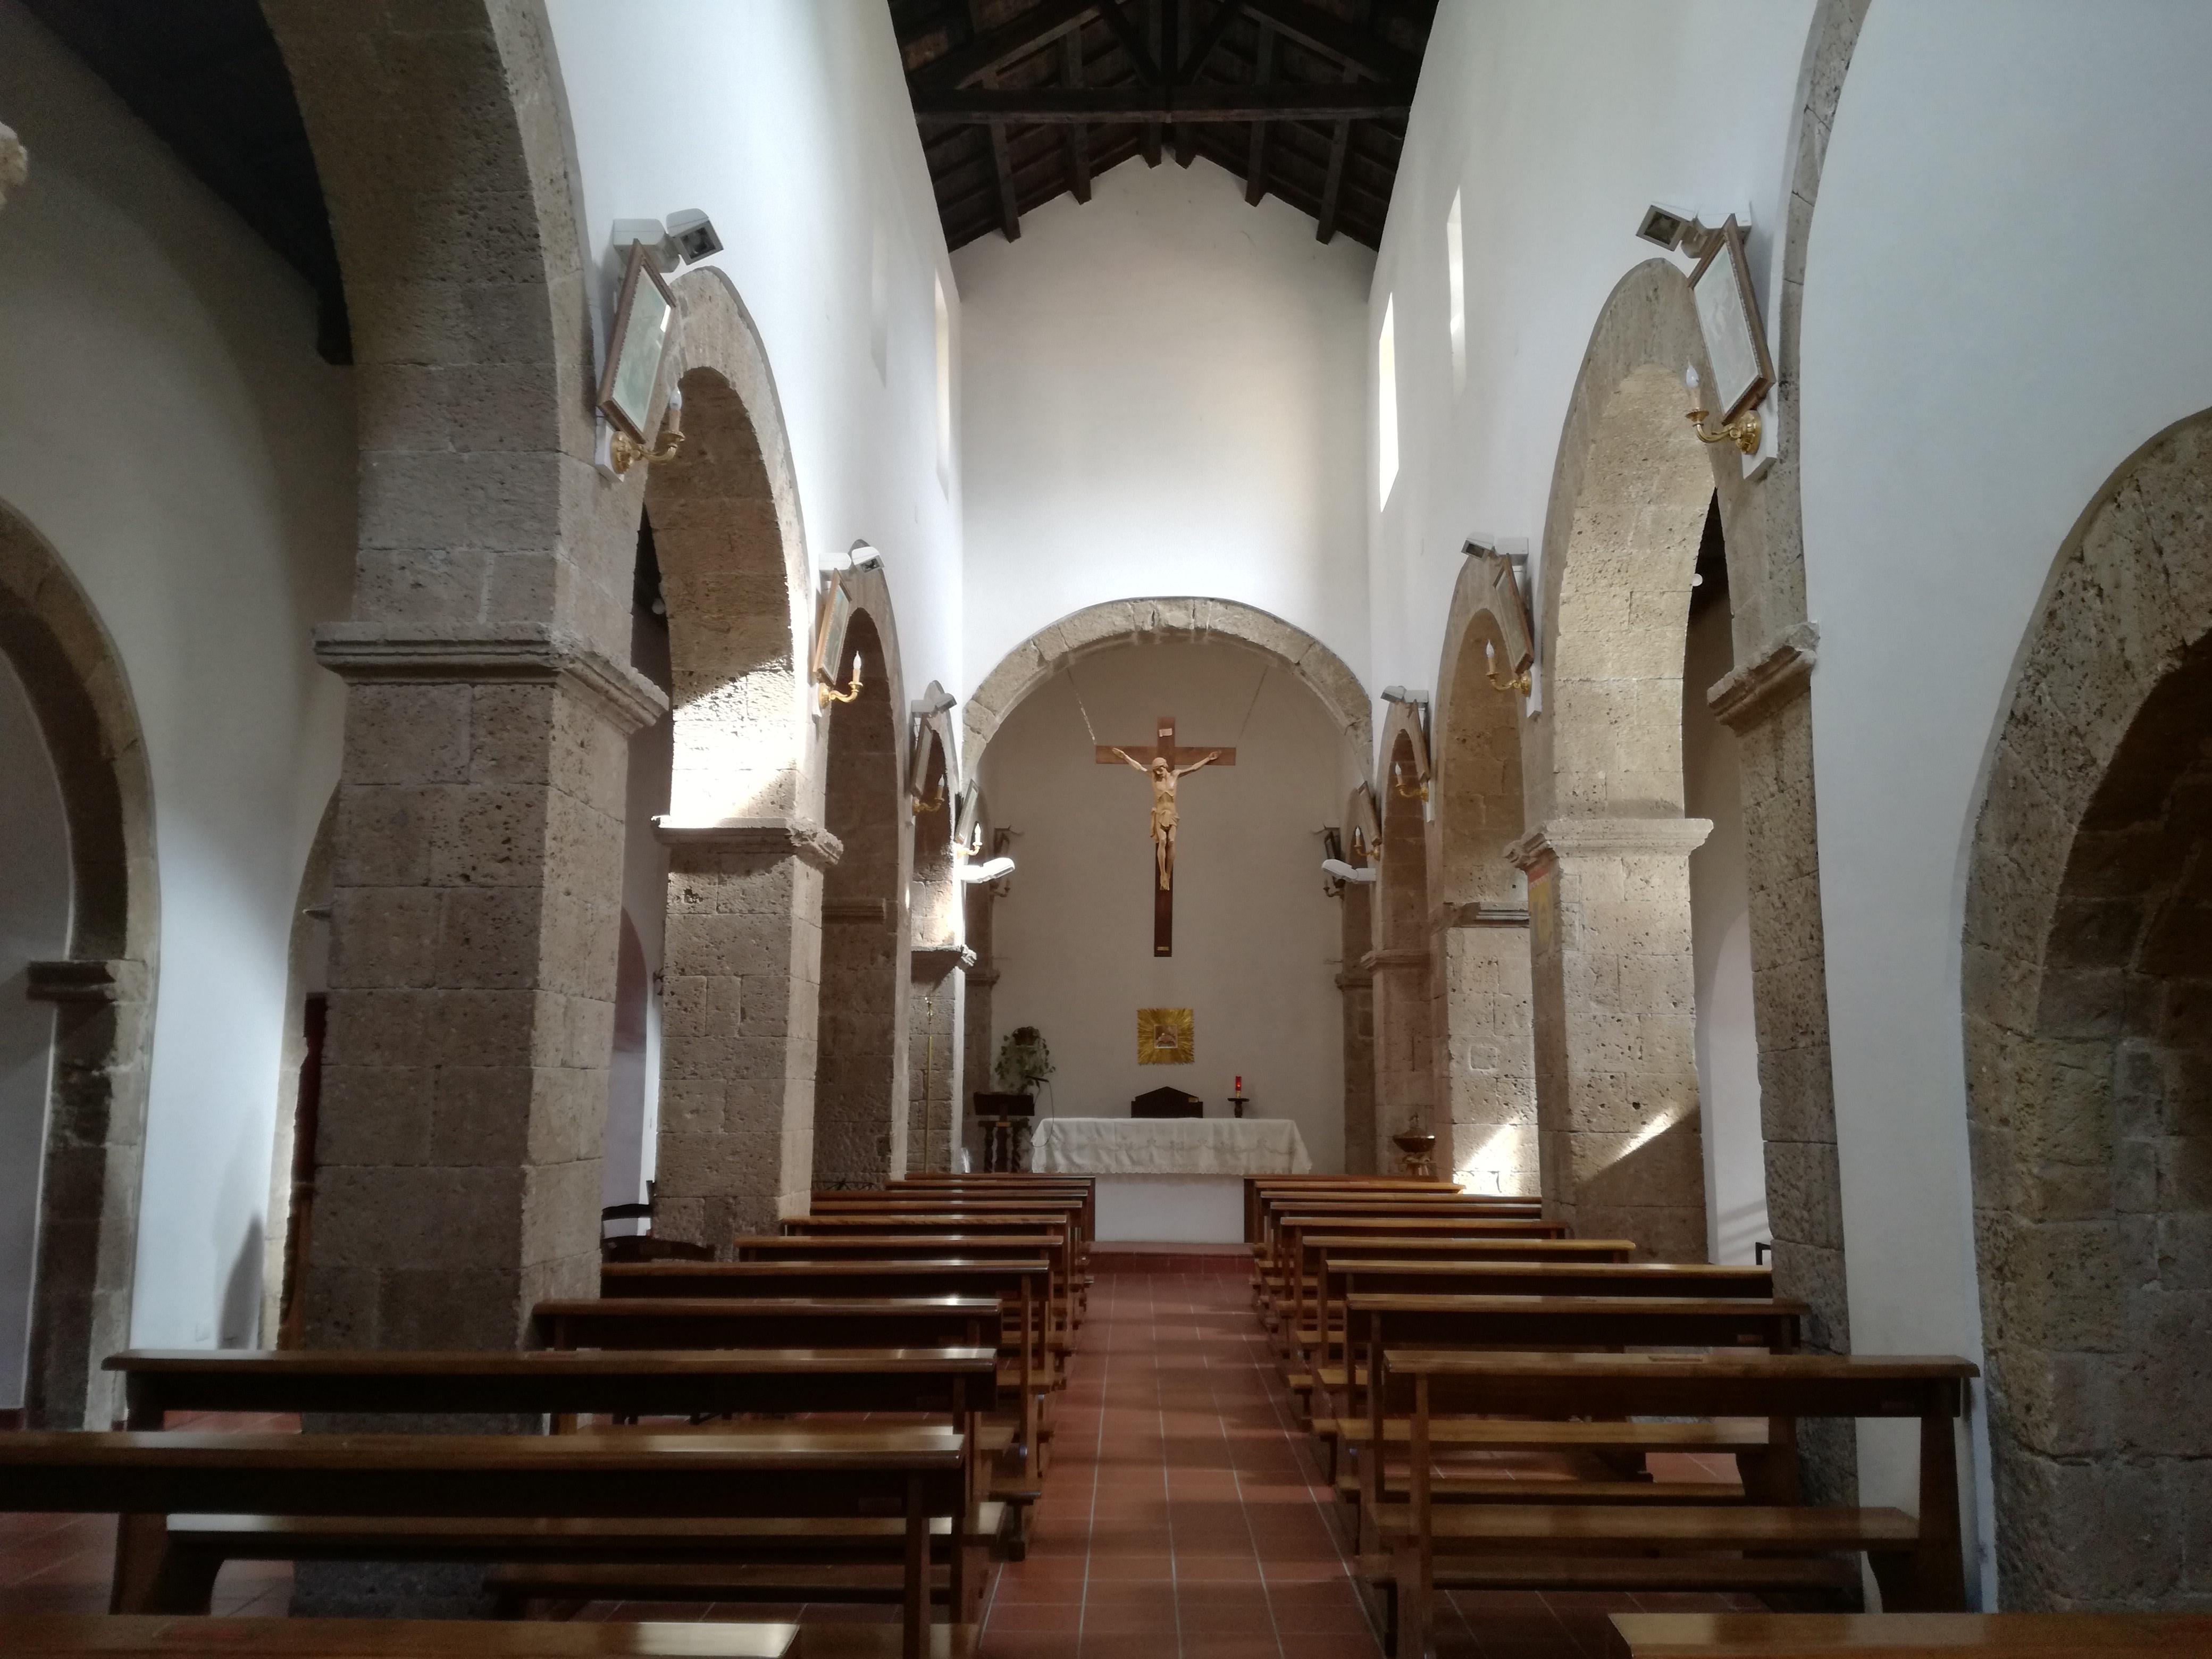 l'interno della chiesa di San Nicola